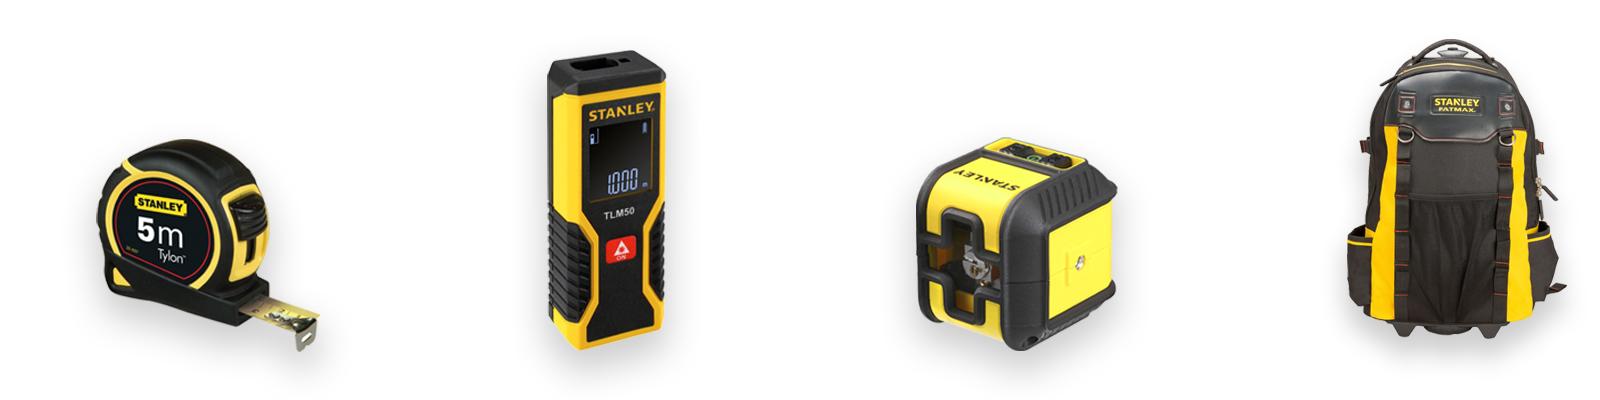 hallo4 Produkttest: Stanley Messwerkzeuge